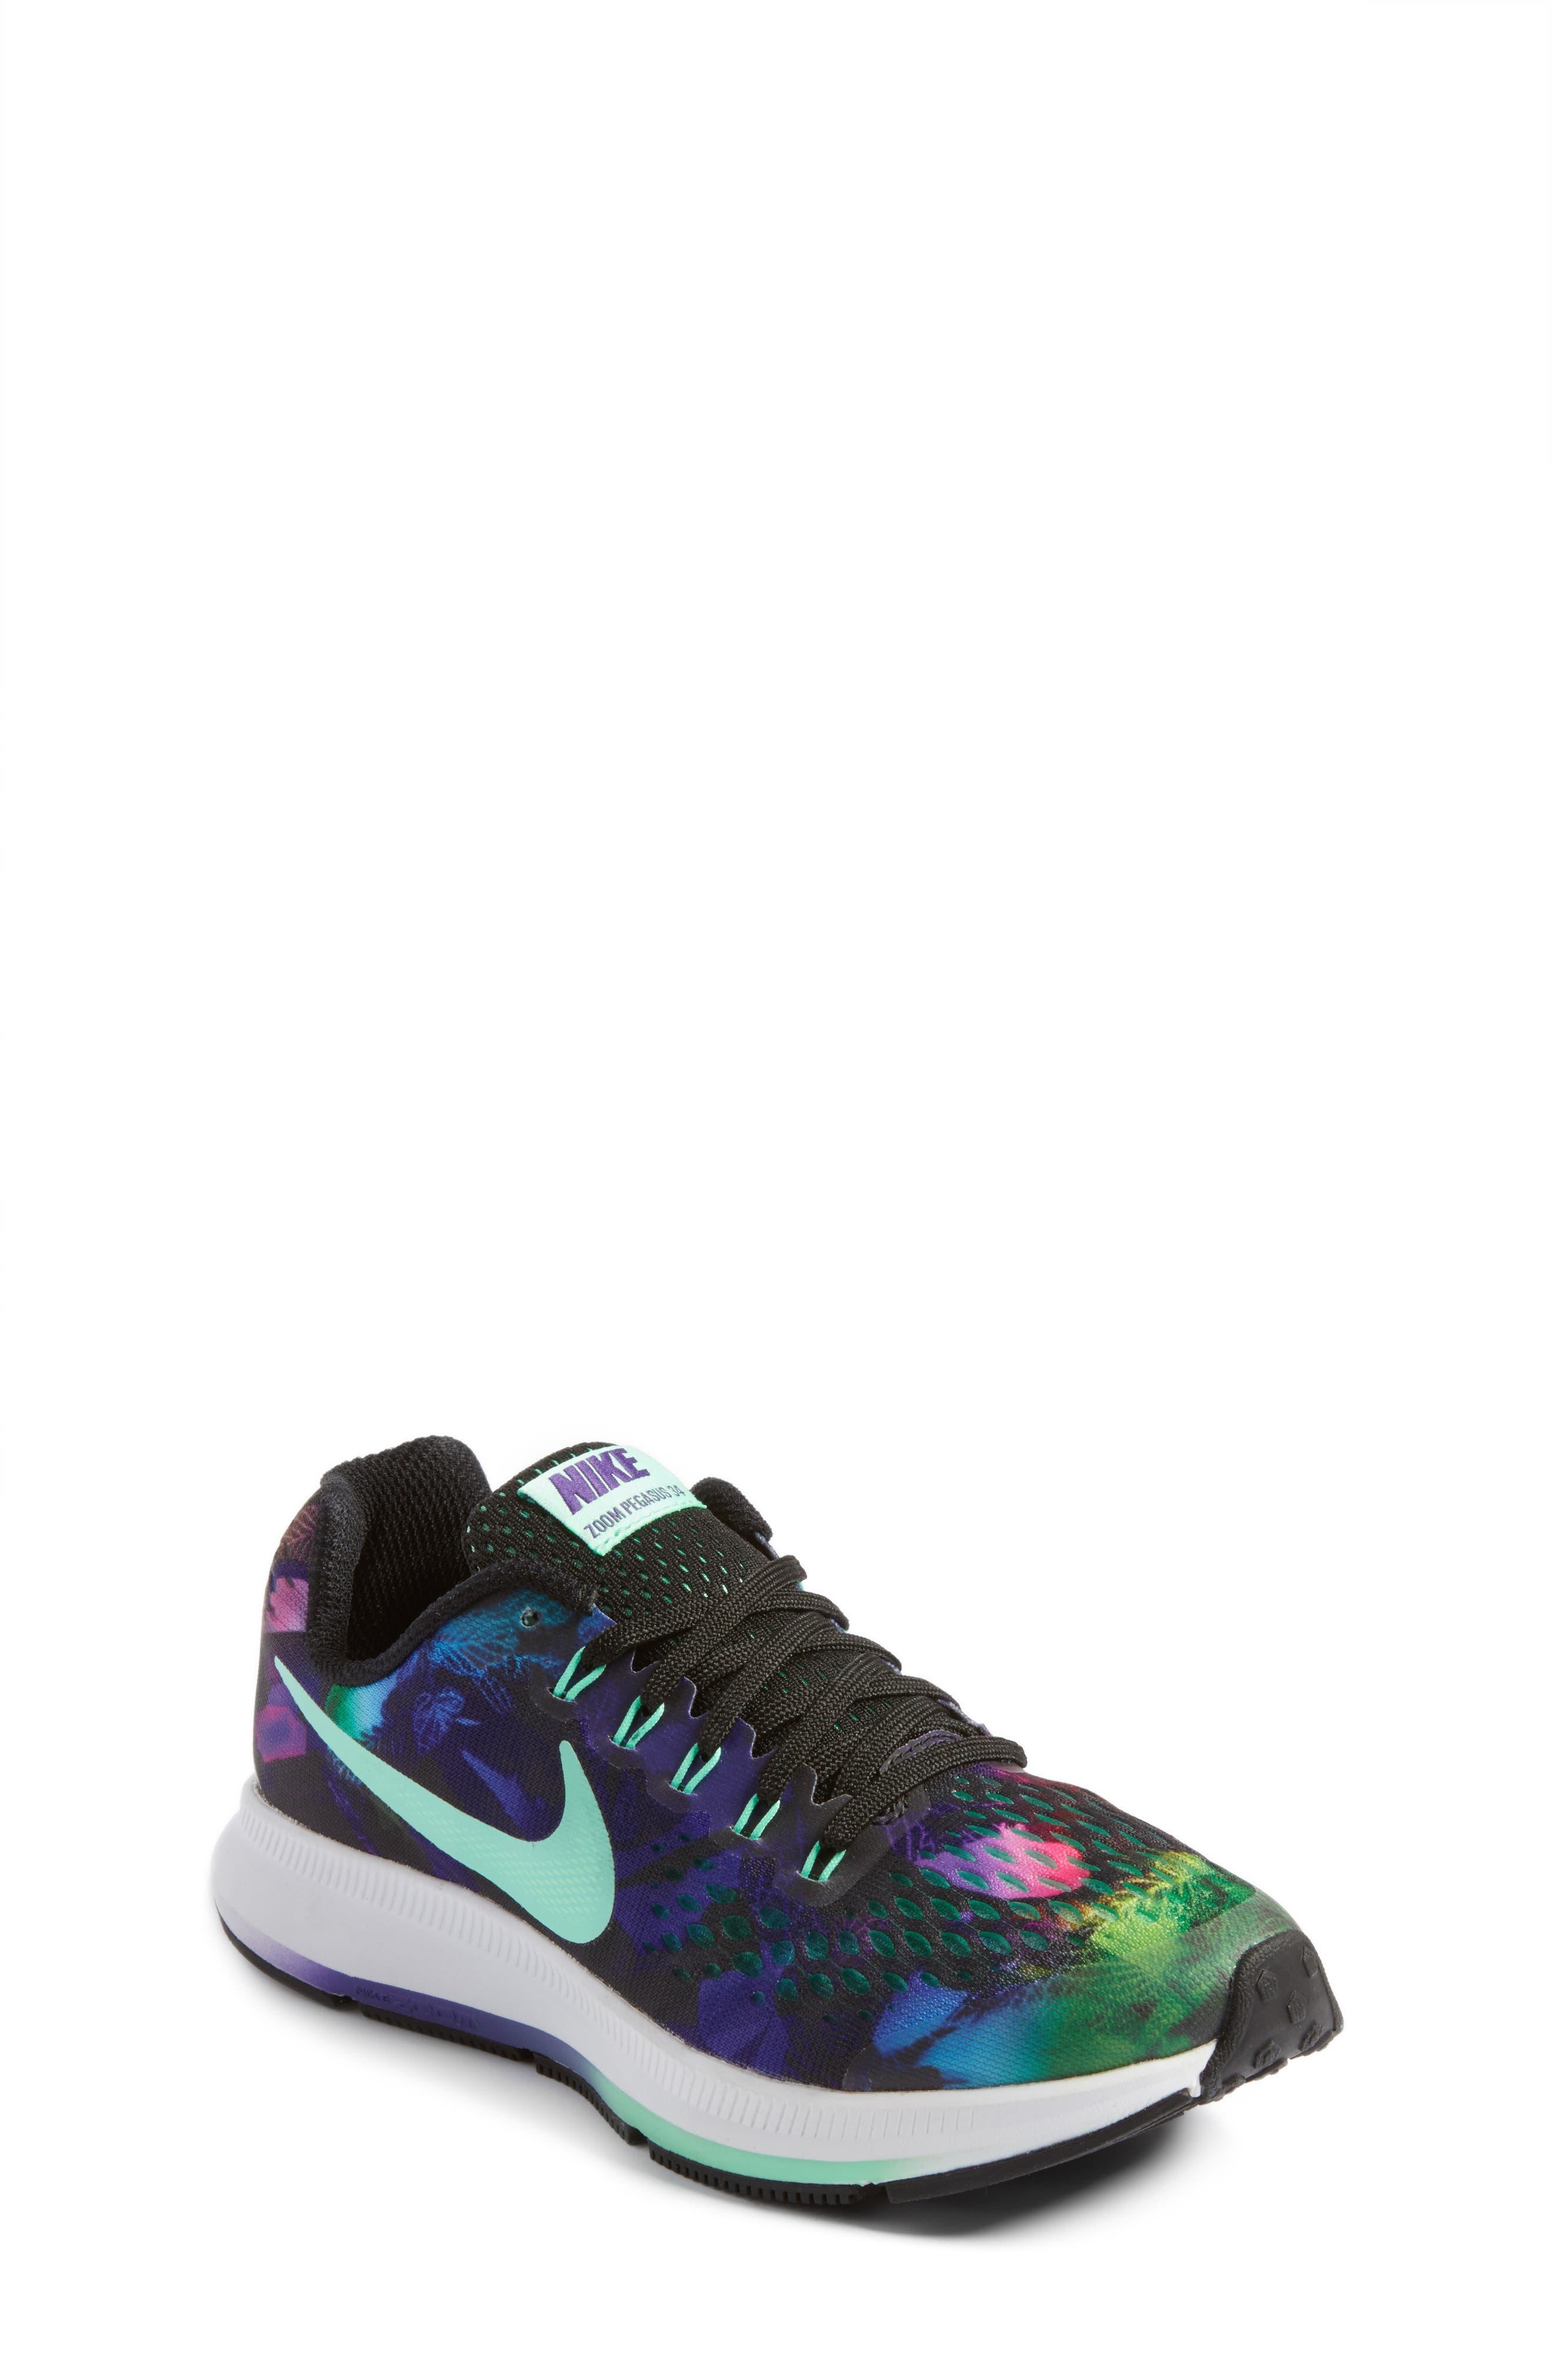 NIKE Zoom Pegasus 34 Print Sneaker